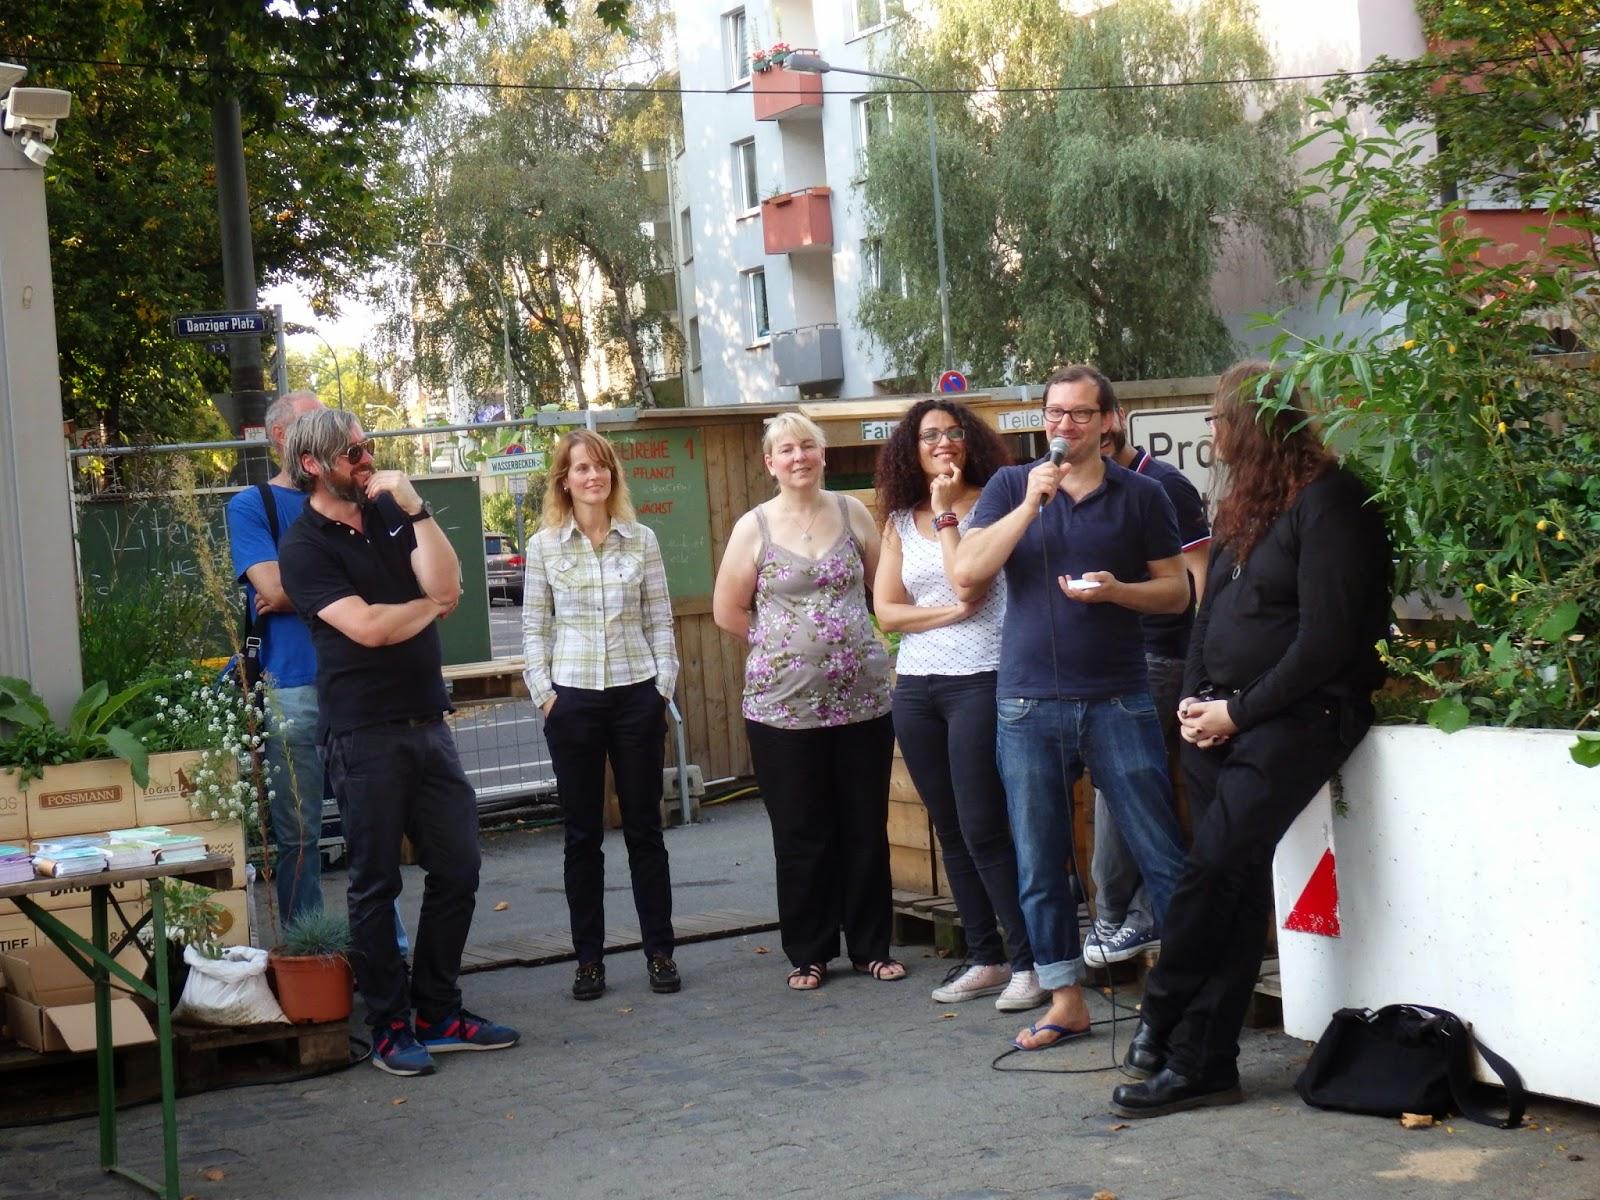 Autoren-Speeddating im Frankfurter Garten am 6.9.2014